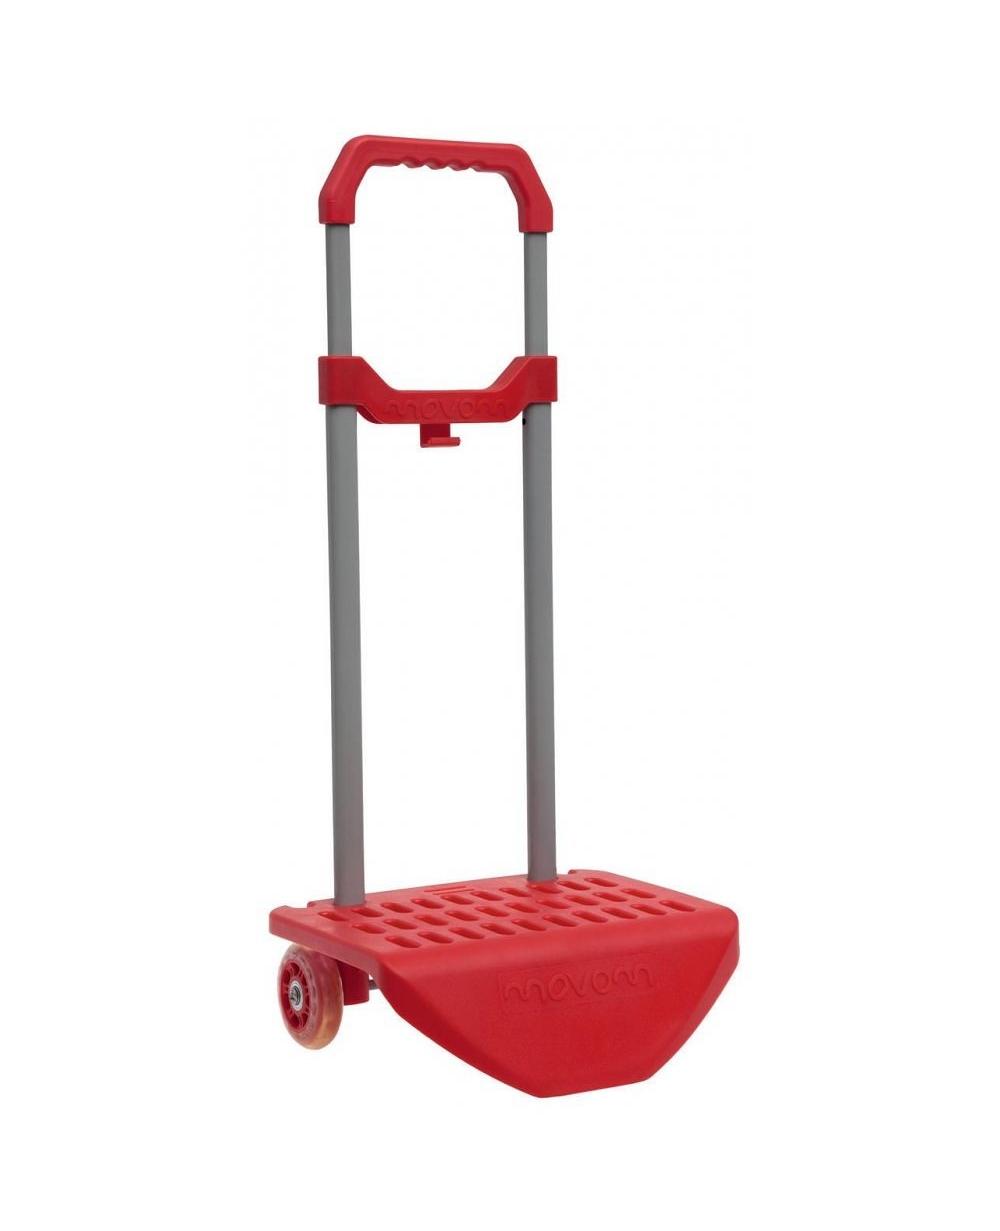 Movom Plataforma Universal Carro Rojo (Foto )